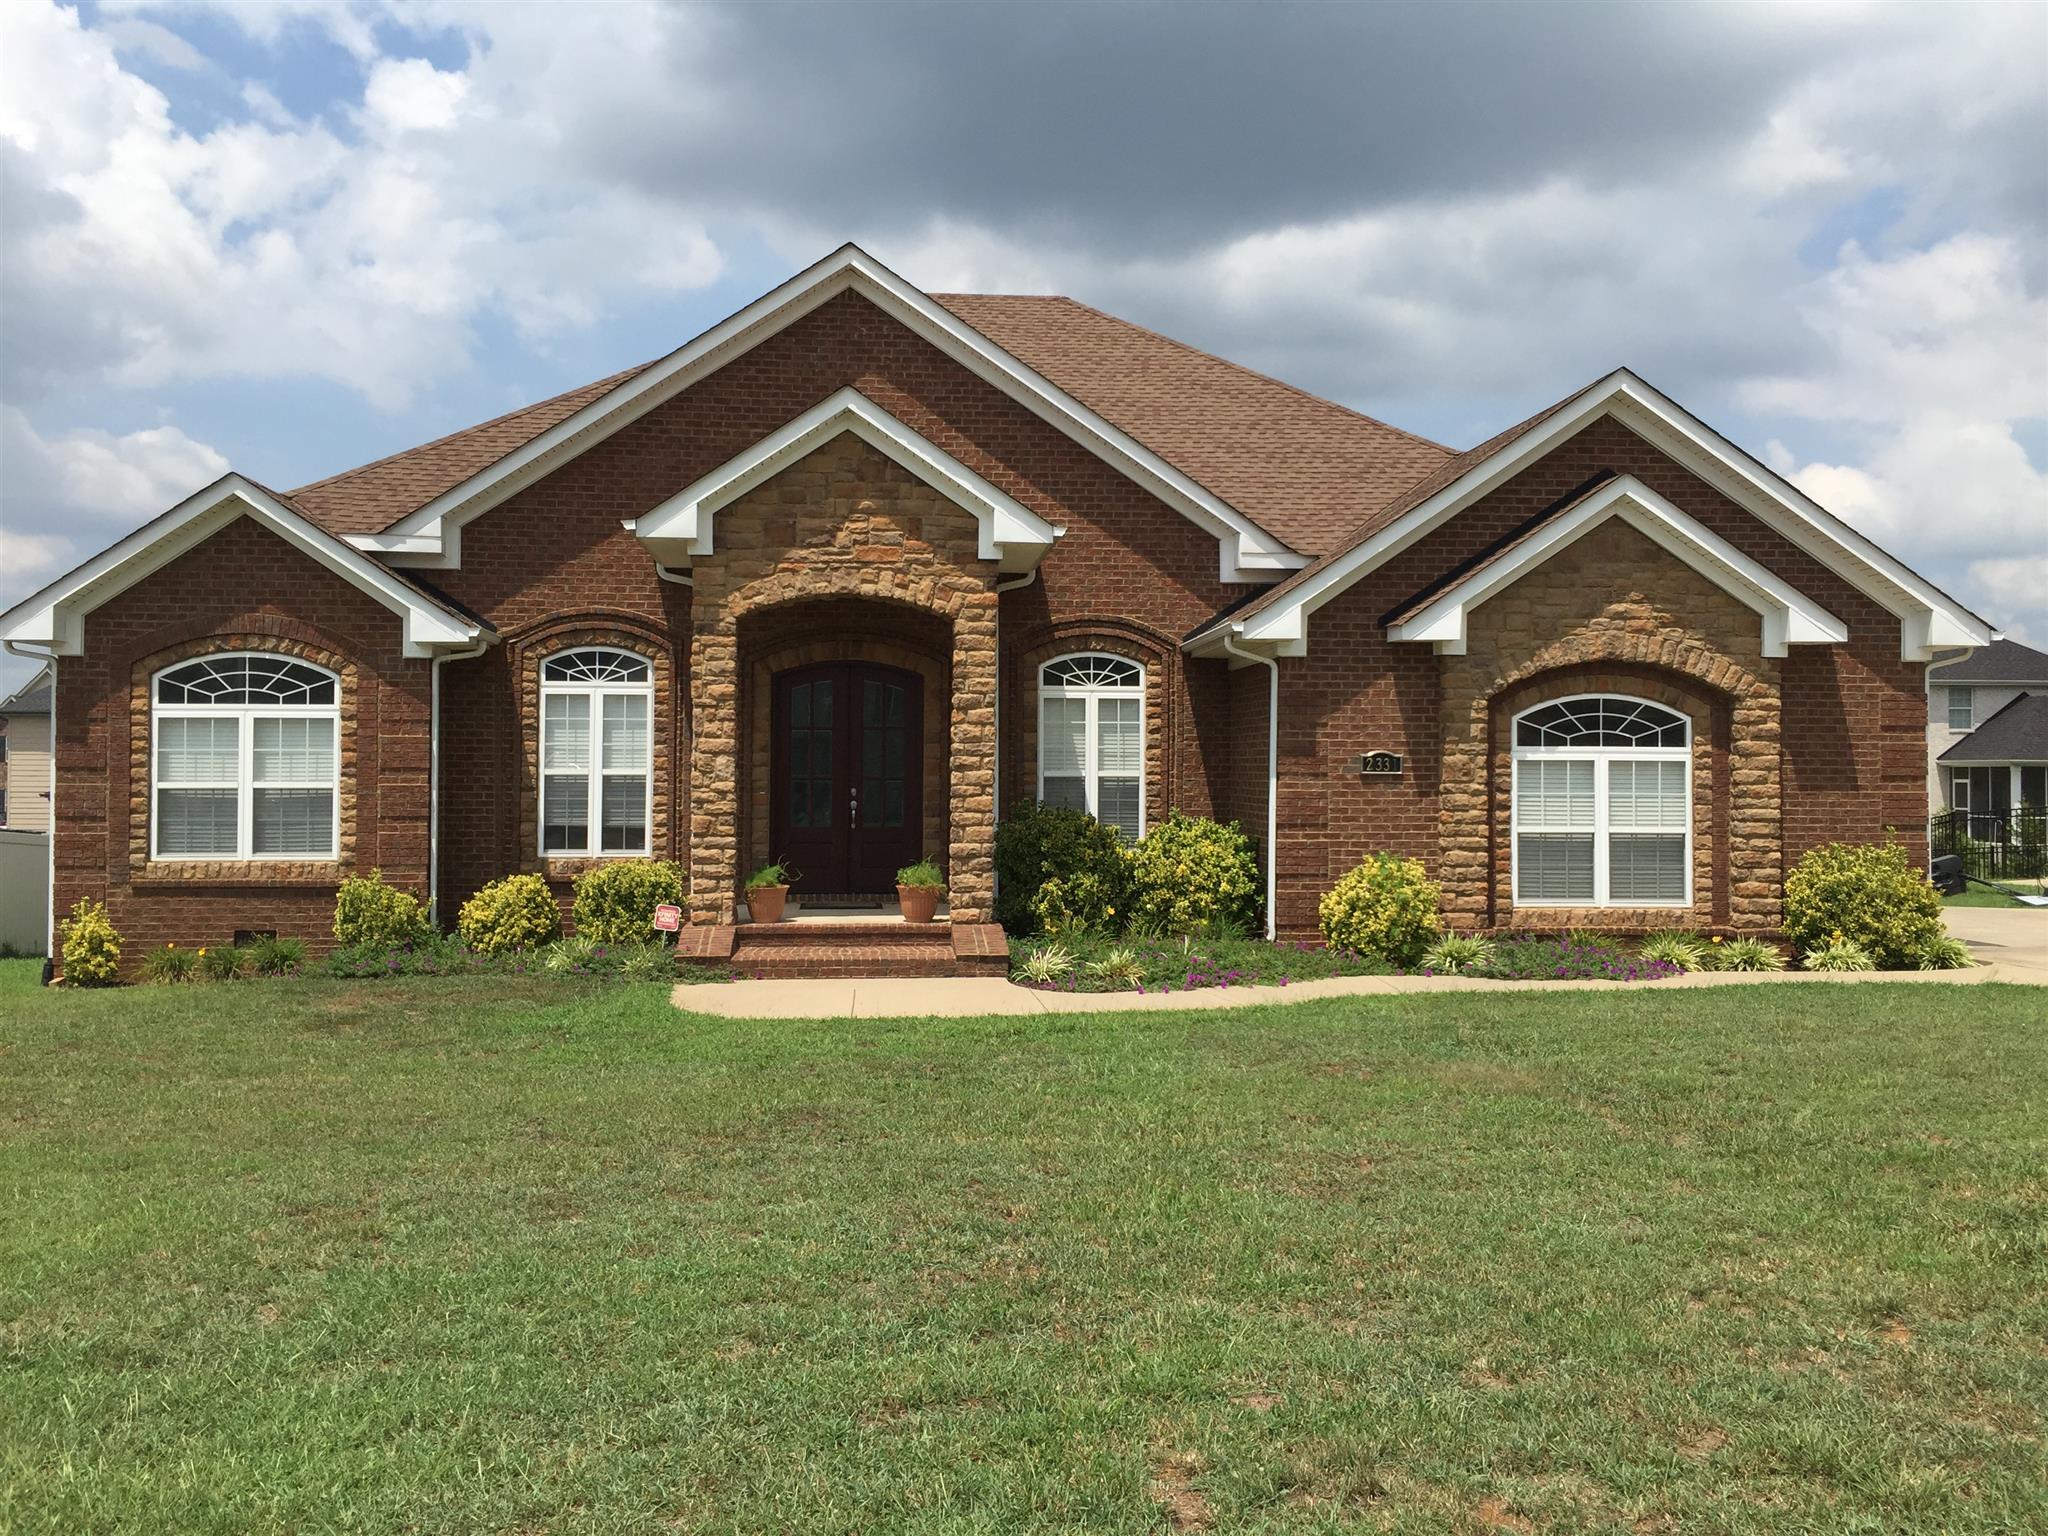 2331 Tortuga Ct, Murfreesboro, TN 37127